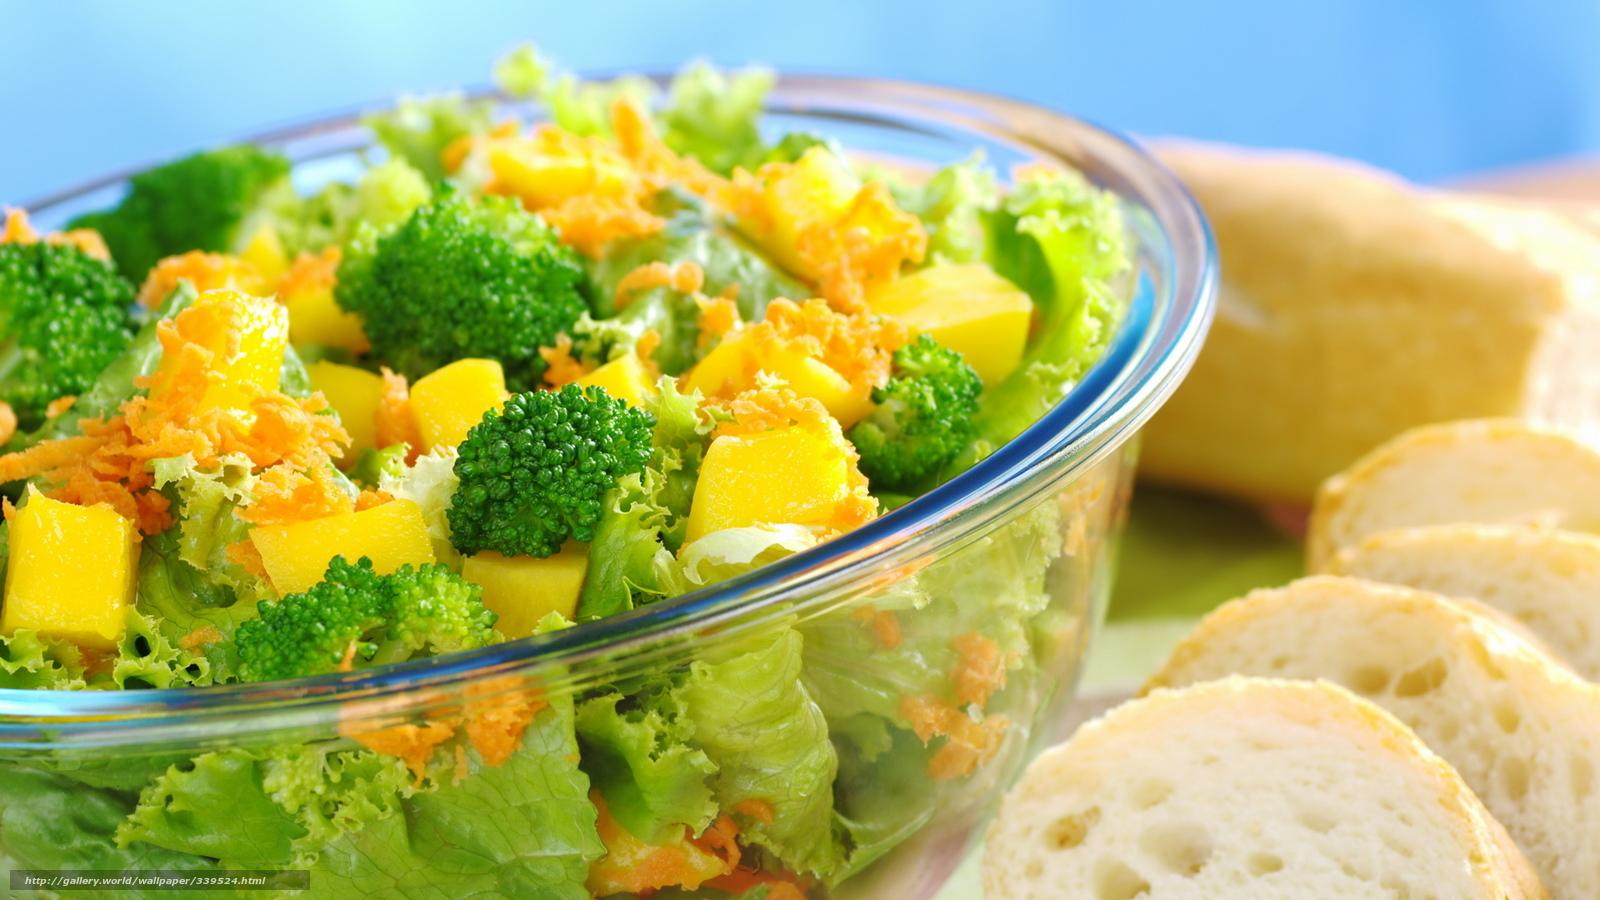 Скачать обои еда,   овощи,   полезное,   салат бесплатно для рабочего стола в разрешении 1920x1080 — картинка №339524